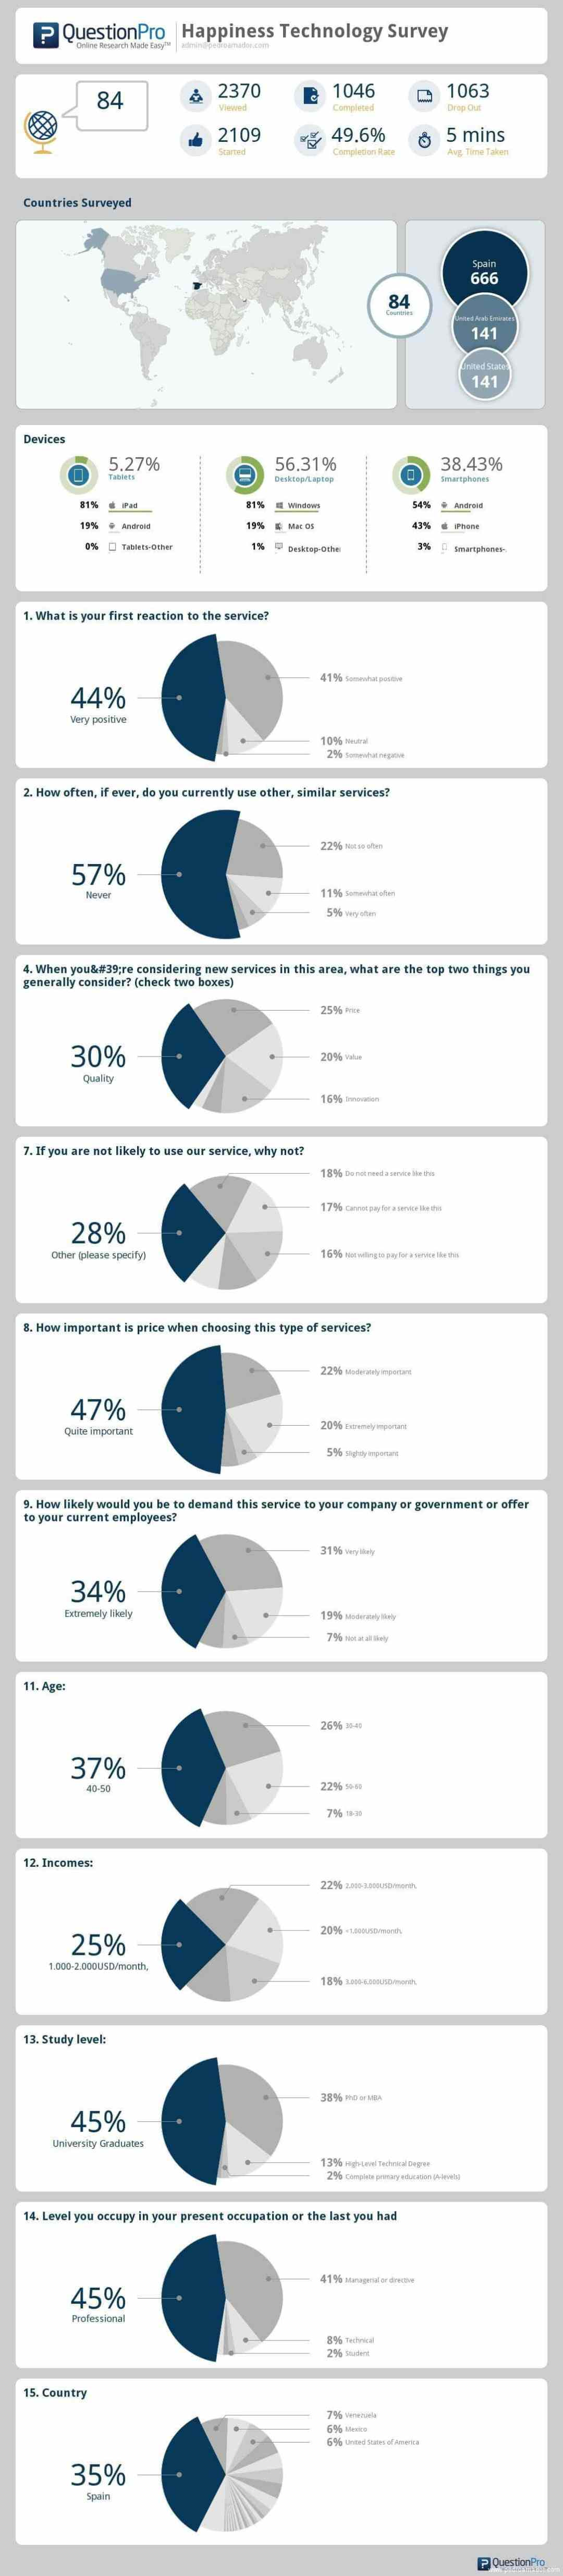 Resultados de la encuesta Tecnología de la Felicidad